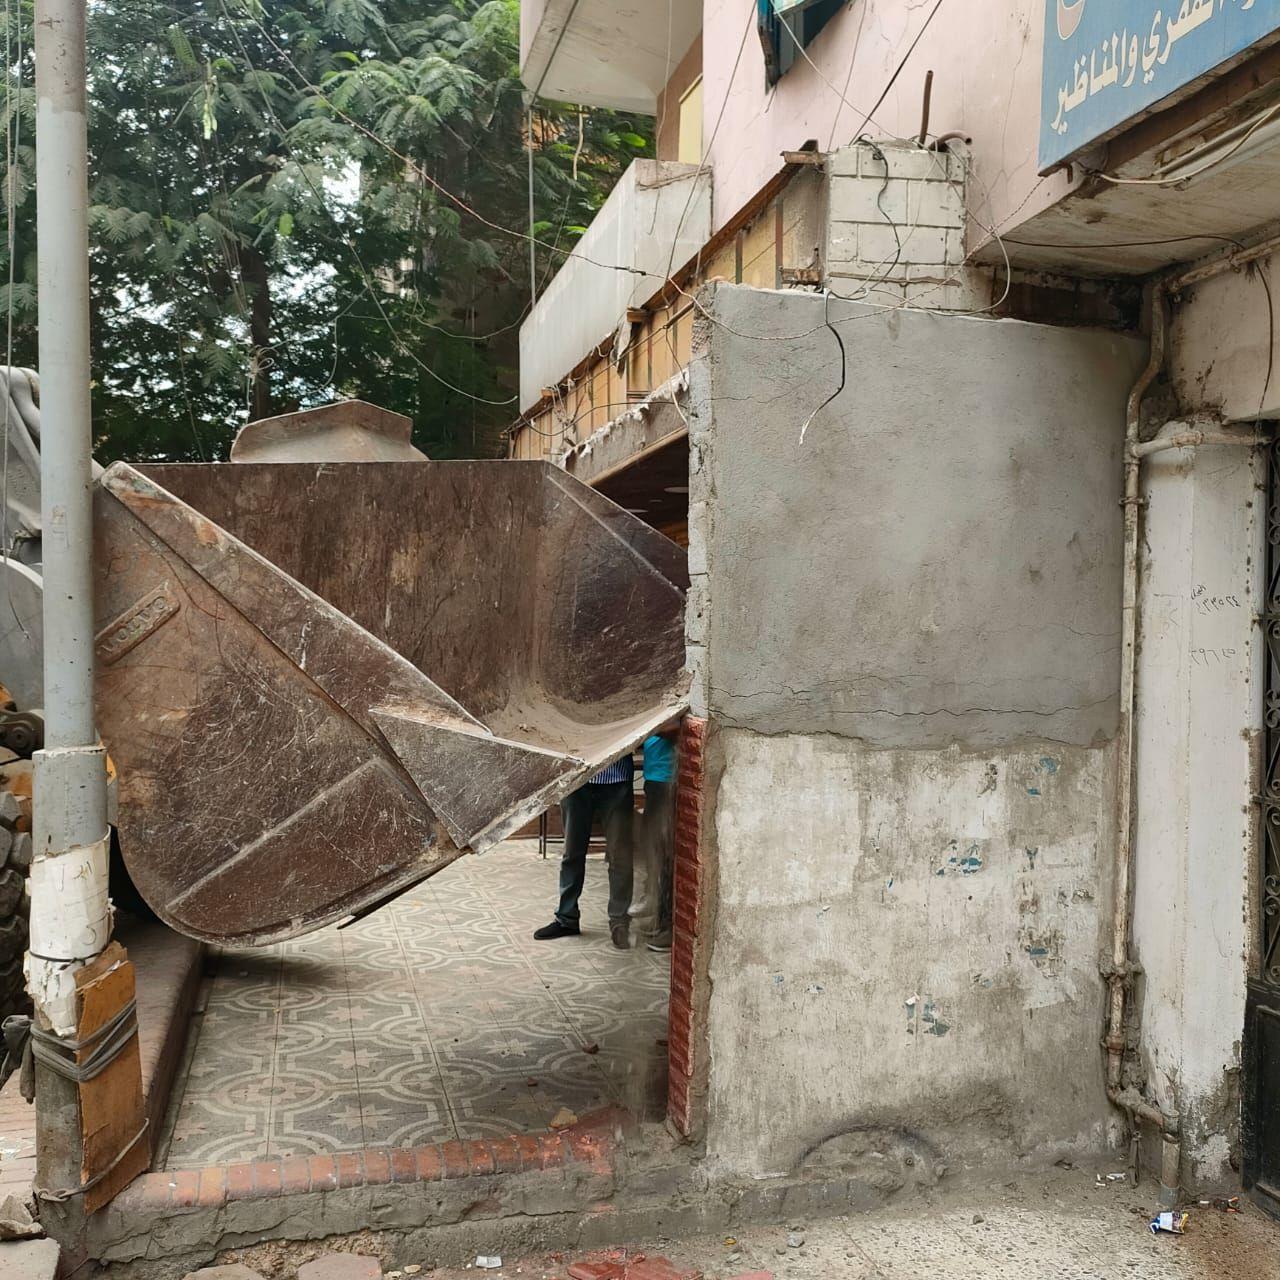 ازالة تعديات على شوارع الجيزة (7)